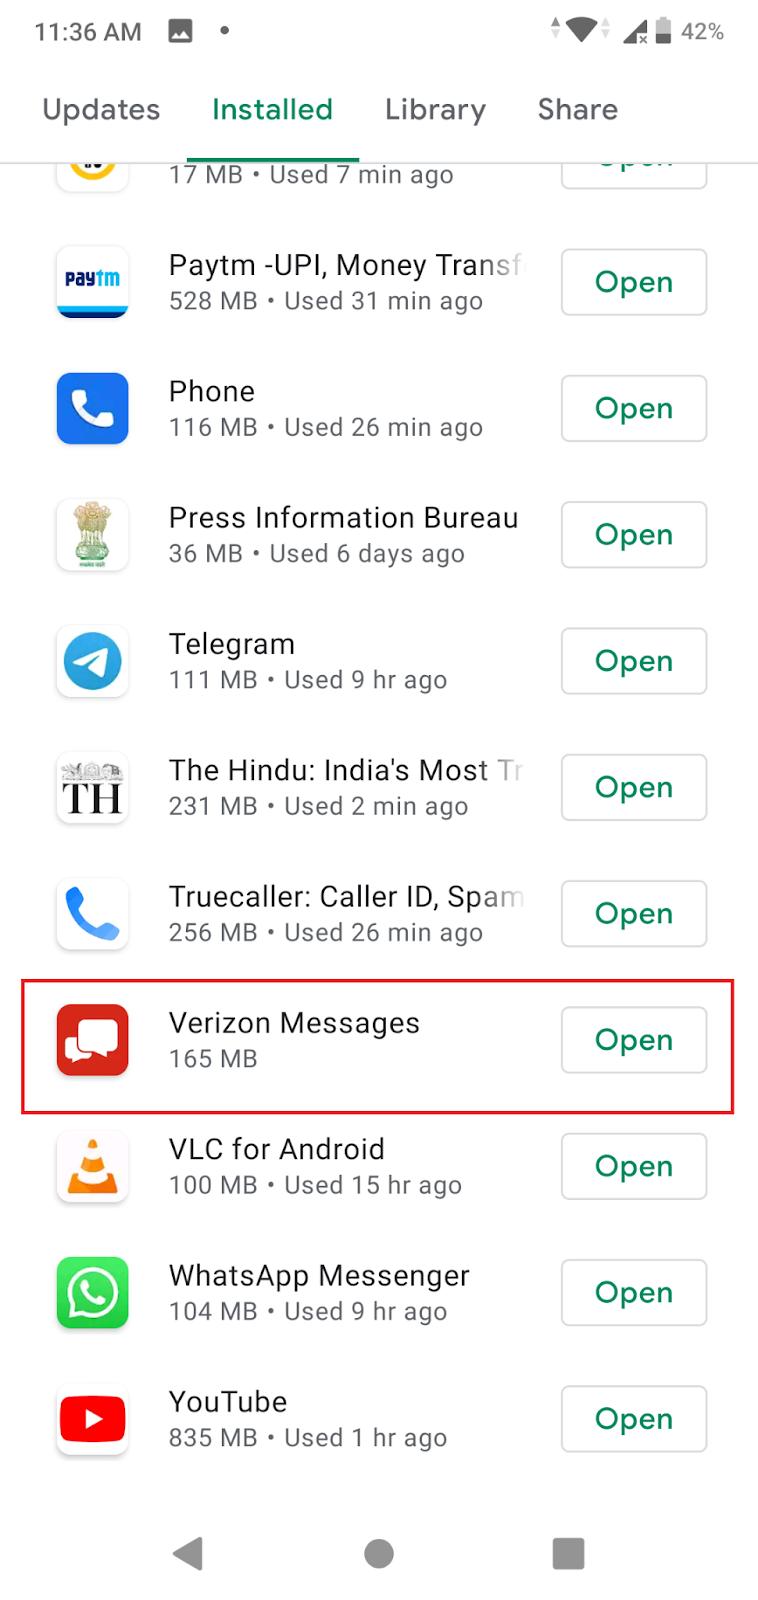 Update The Messaging App